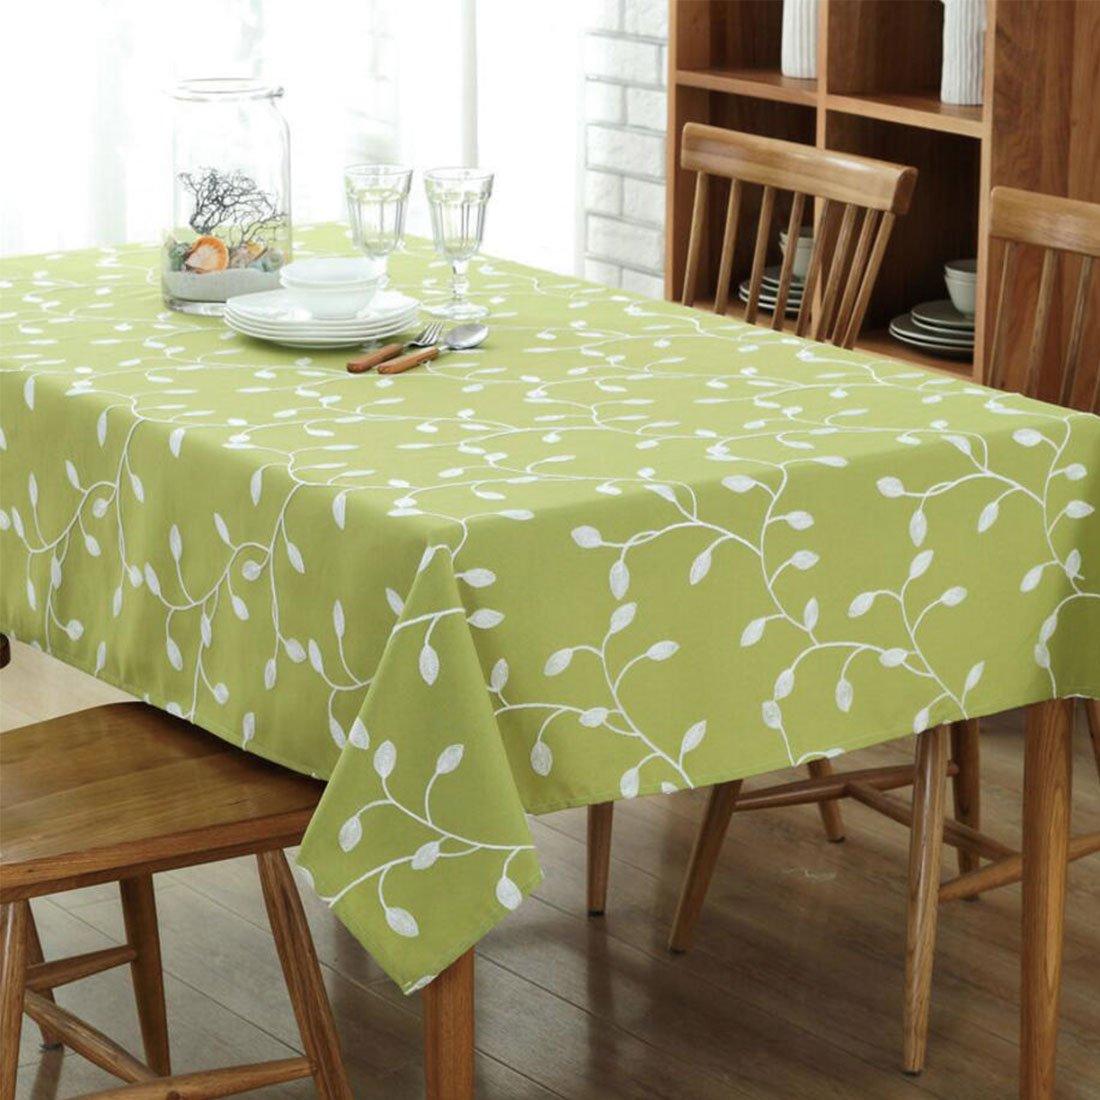 GWELL Baumwolle Leinen Tischdecke Eckig Abwaschbar Tischtuch Pflegeleicht Schmutzabweisend Frische Farbe & 7 Größe wählbar pink 100 * 140cm